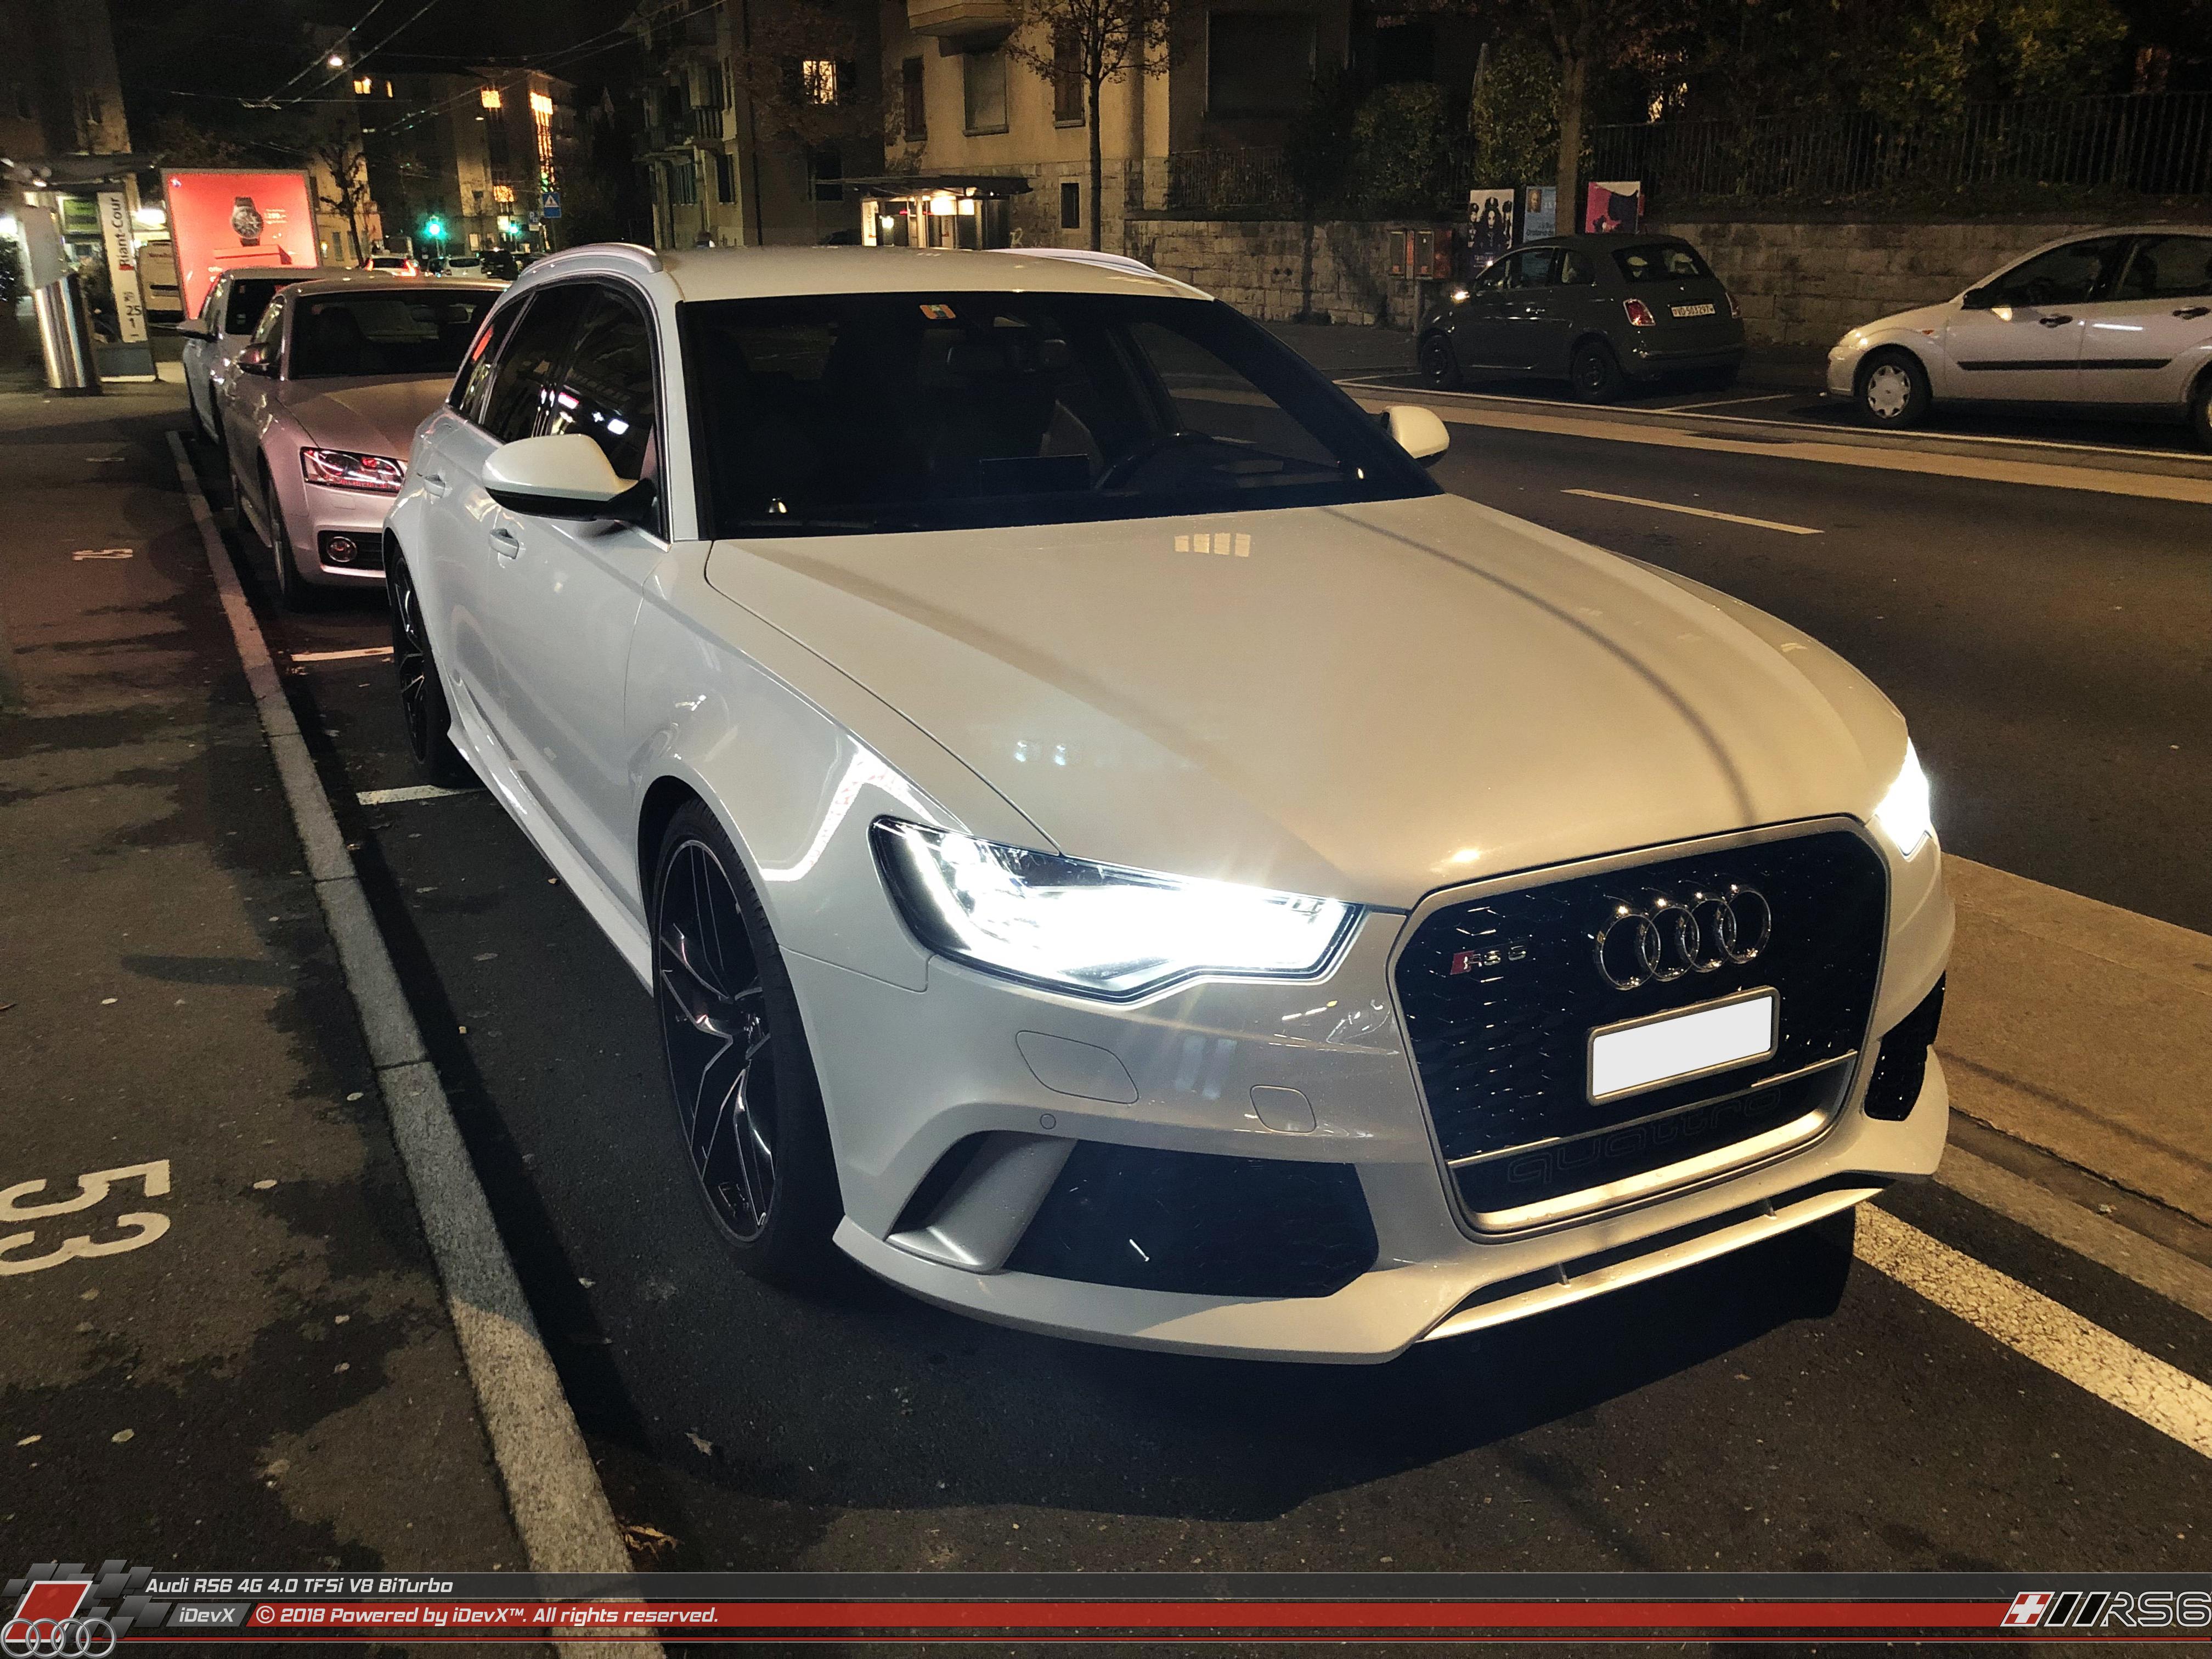 Audi RS6 - iDevX